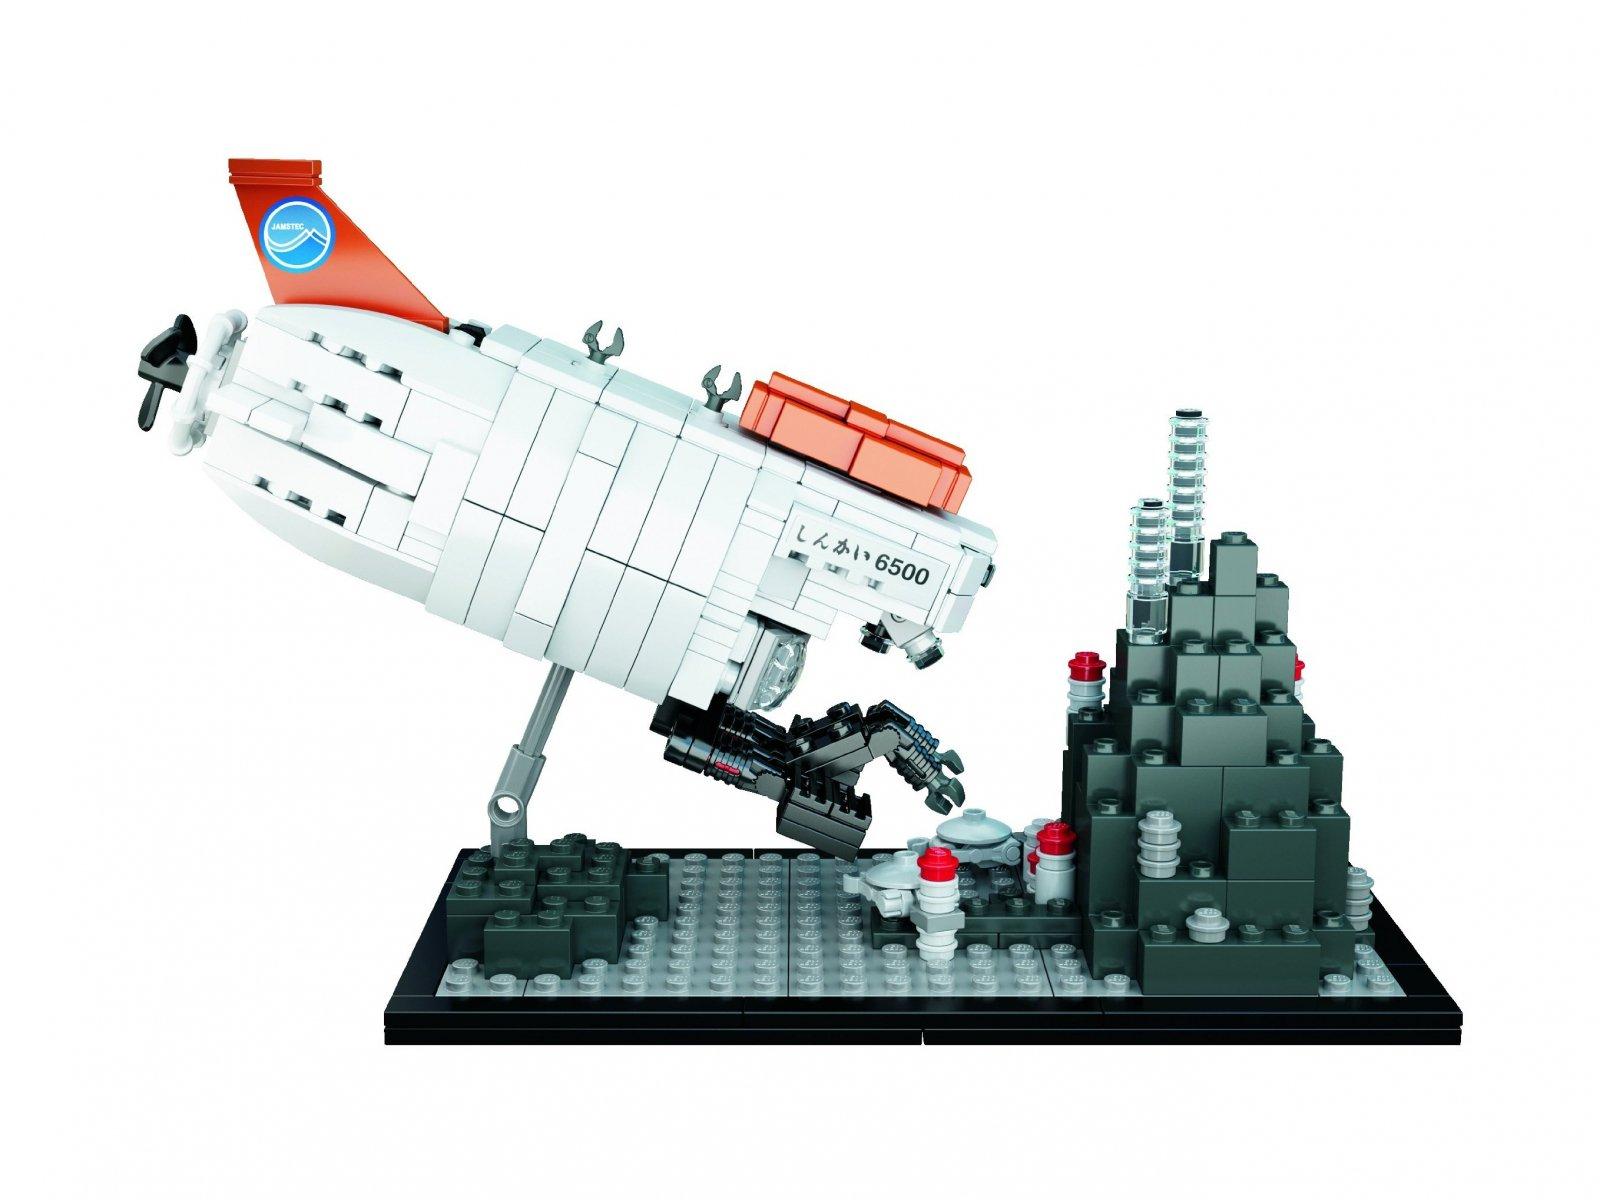 LEGO CUUSOO 21100 Shinkai 6500